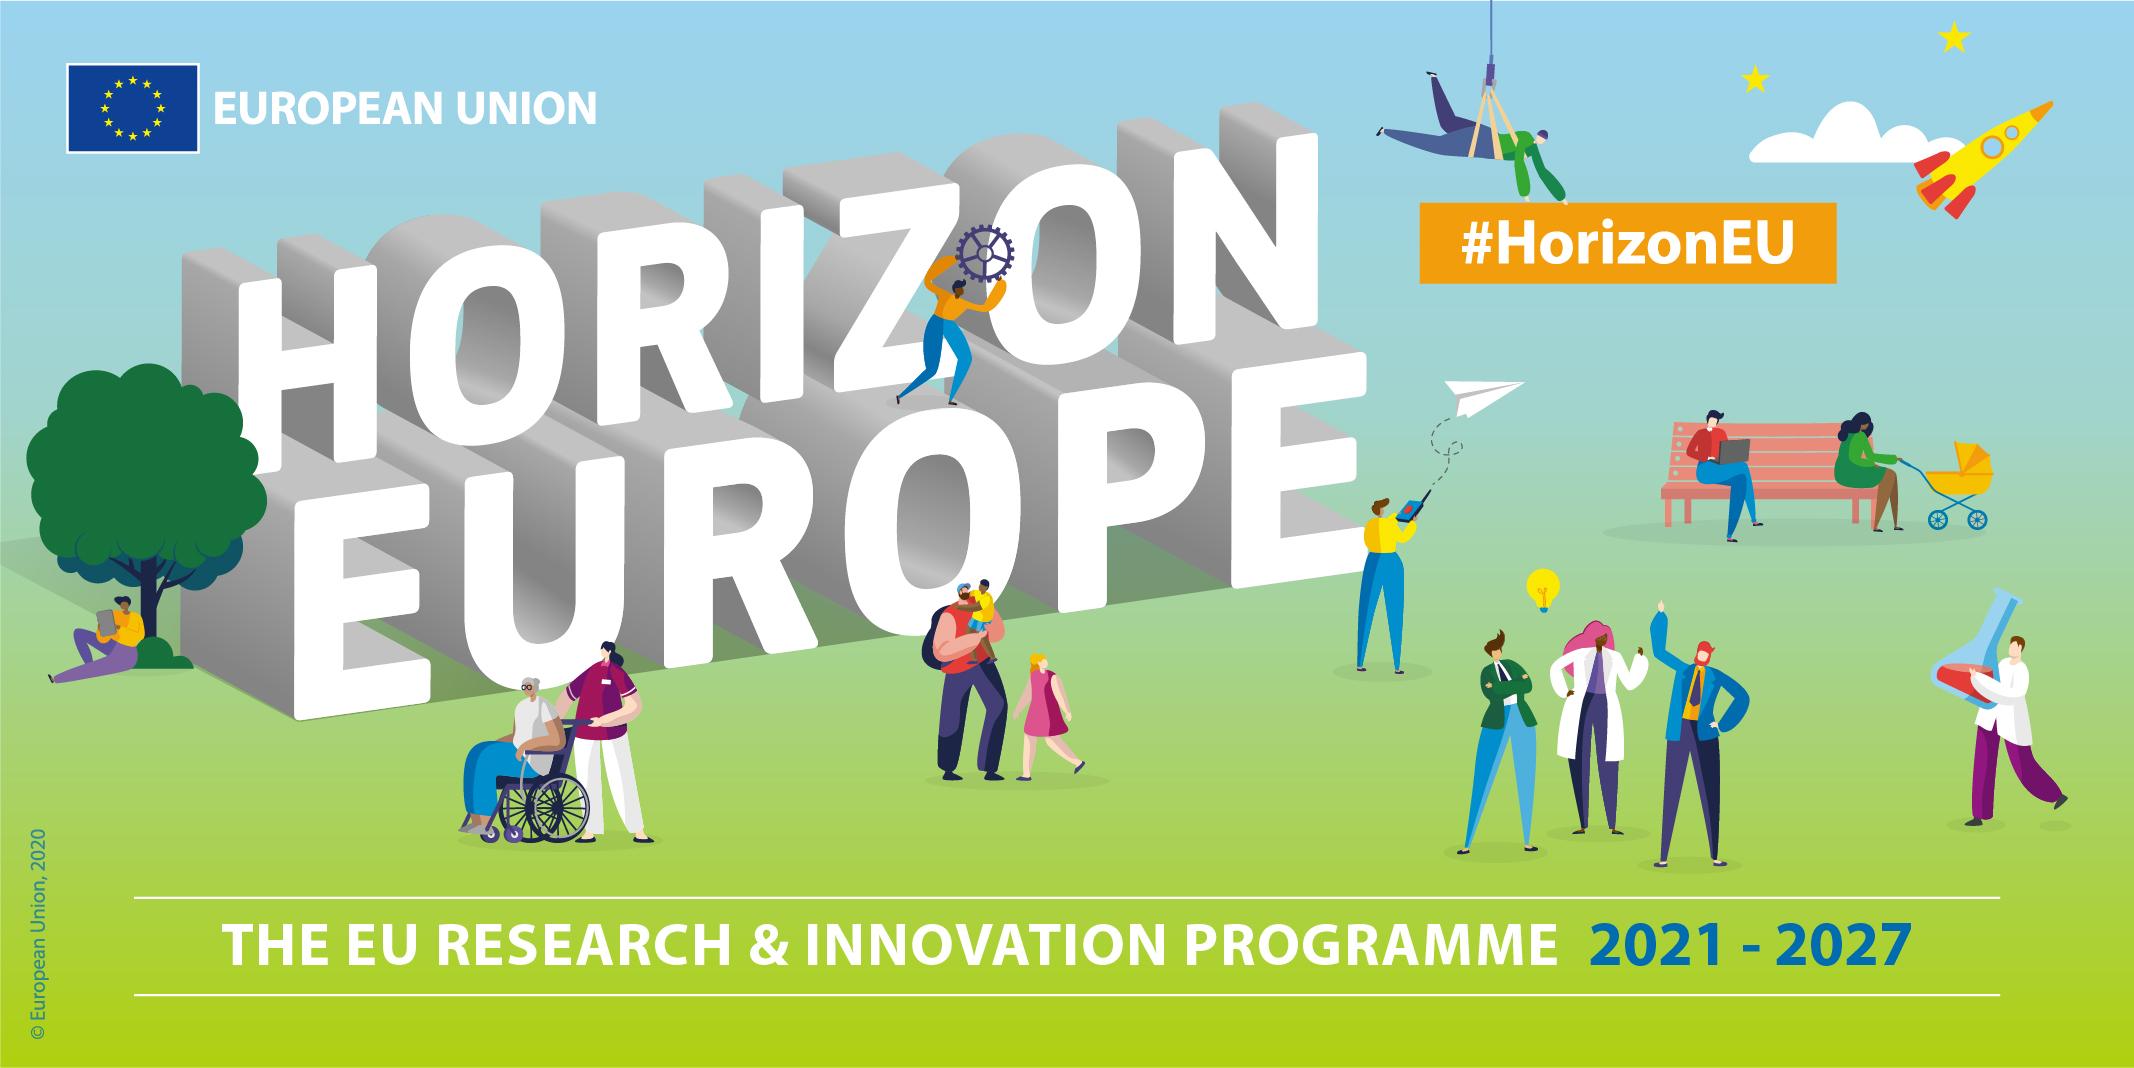 Εκδηλώσεις δικτύωσης (Brokerage Events) για τον Ορίζοντα Ευρώπη - Προκήρυξη 2022